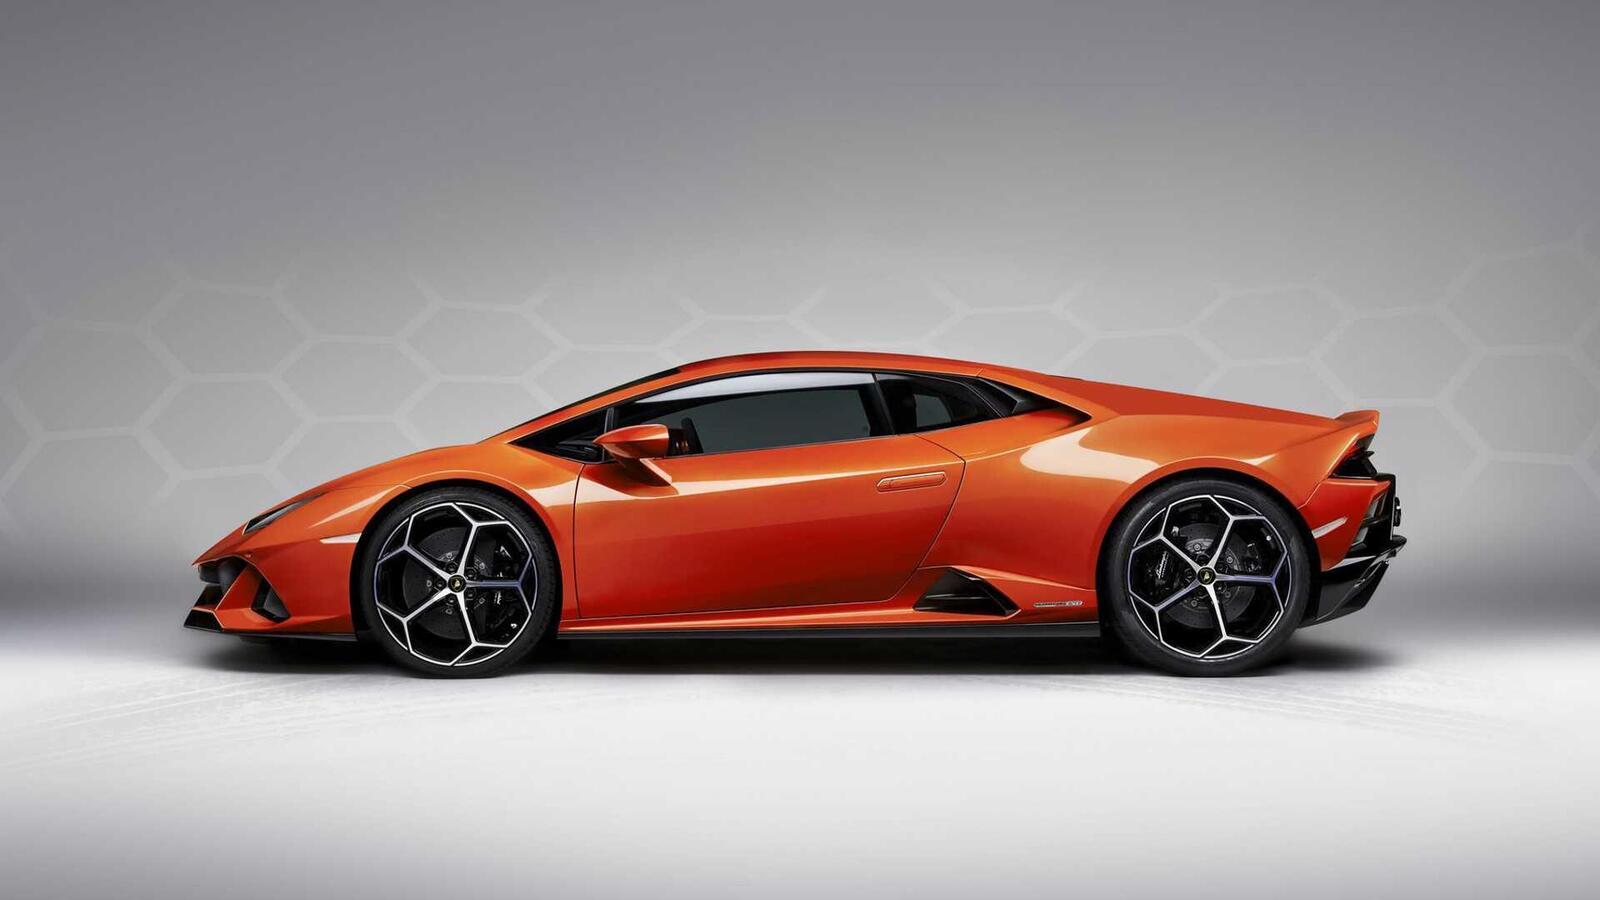 Lamborghini giới thiệu Huracan EVO mới với sức mạnh 640 mã lực - Hình 15